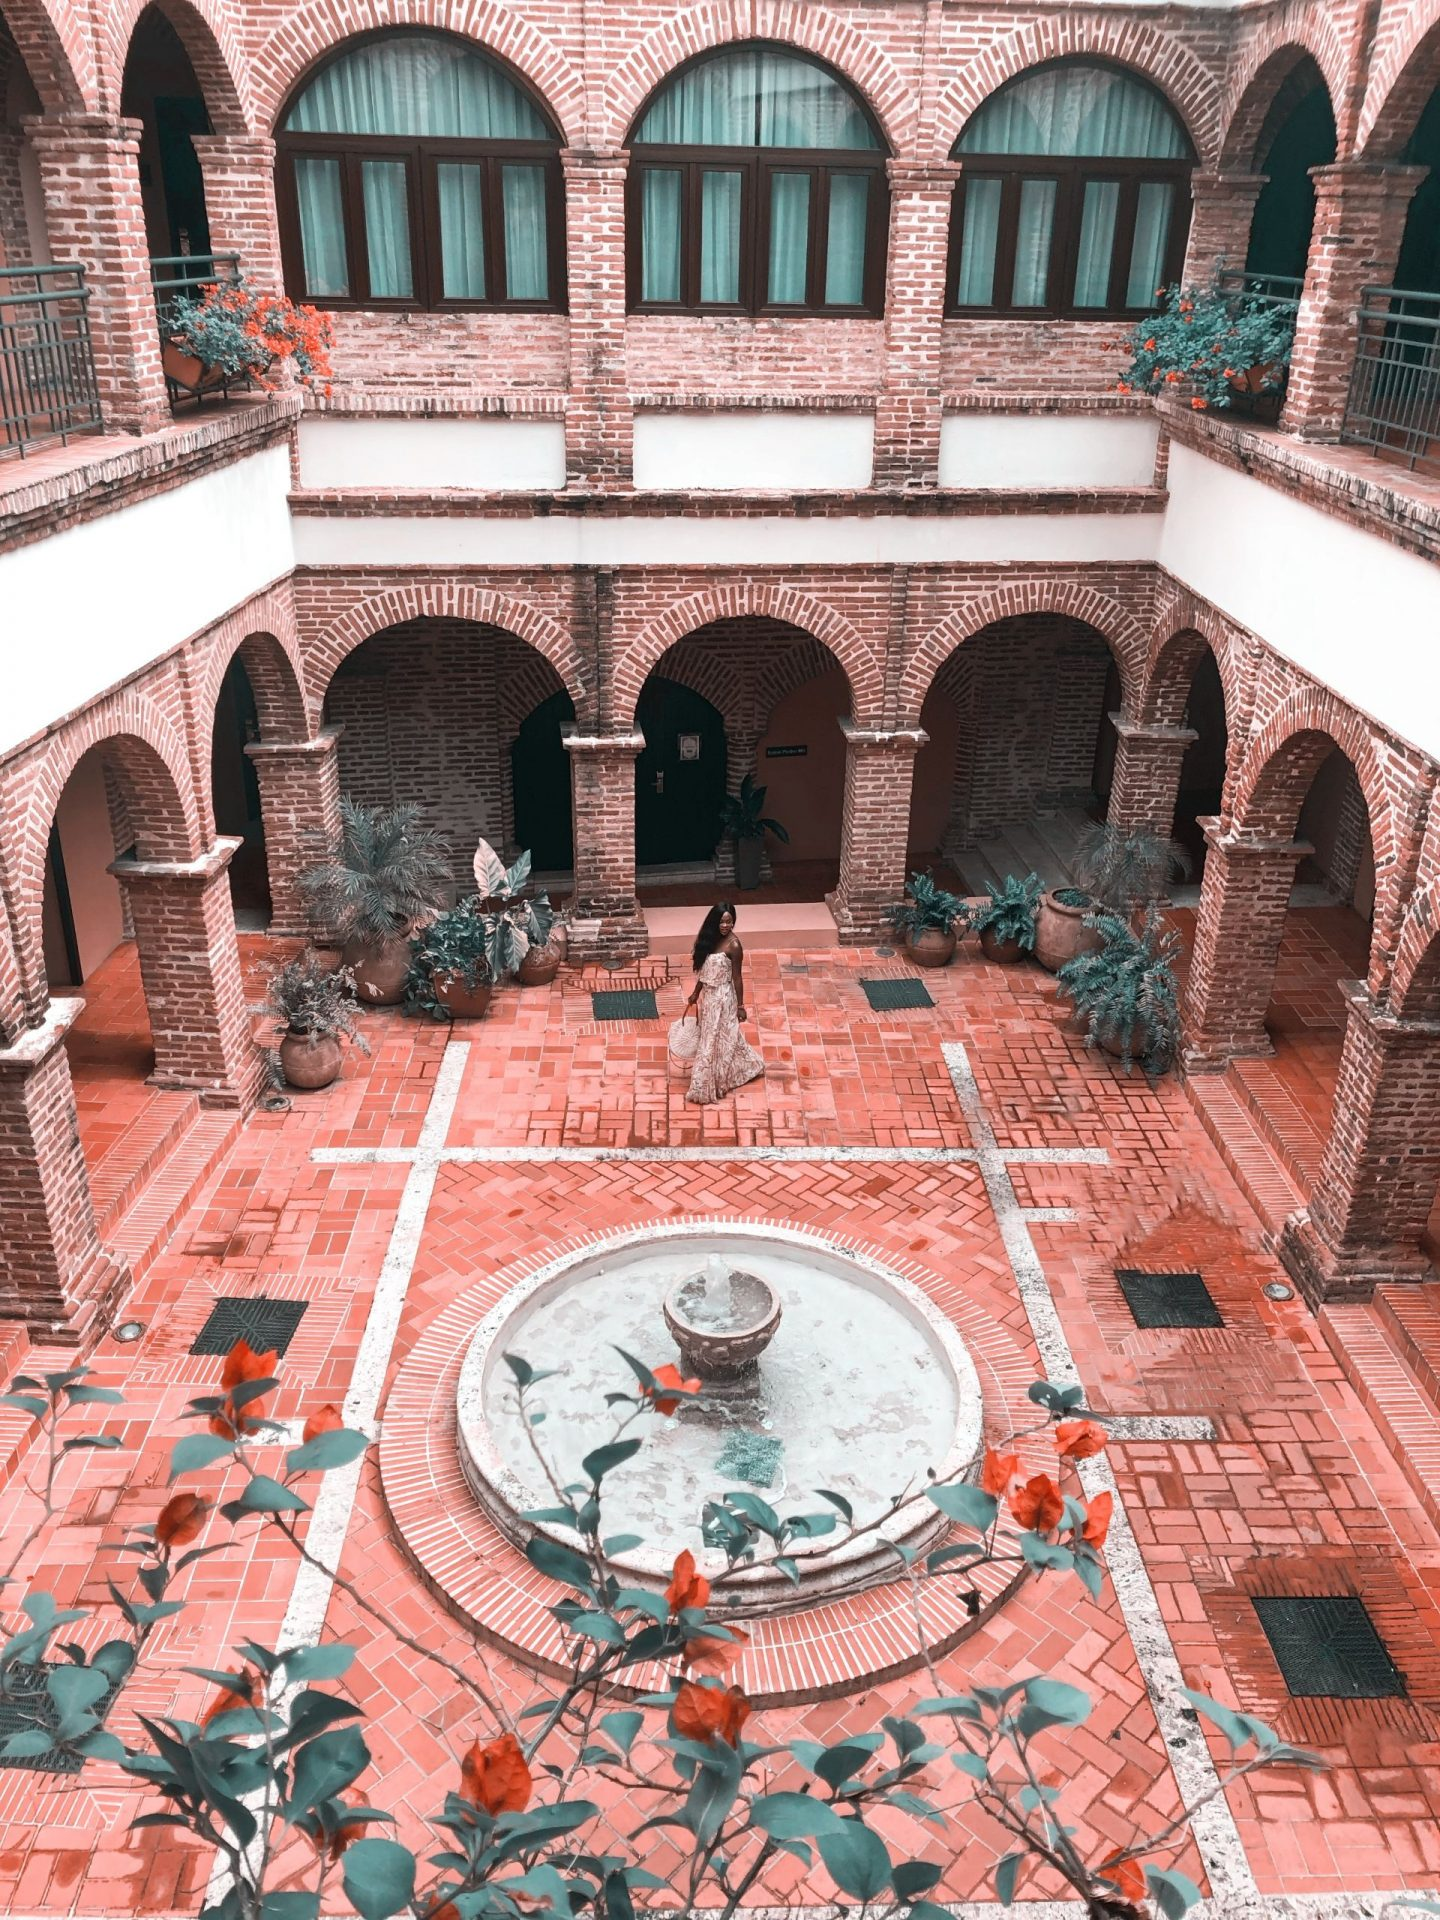 Hodelpa Nicolas de Ovando in Santo Domingo, Dominican Republic Courtyard